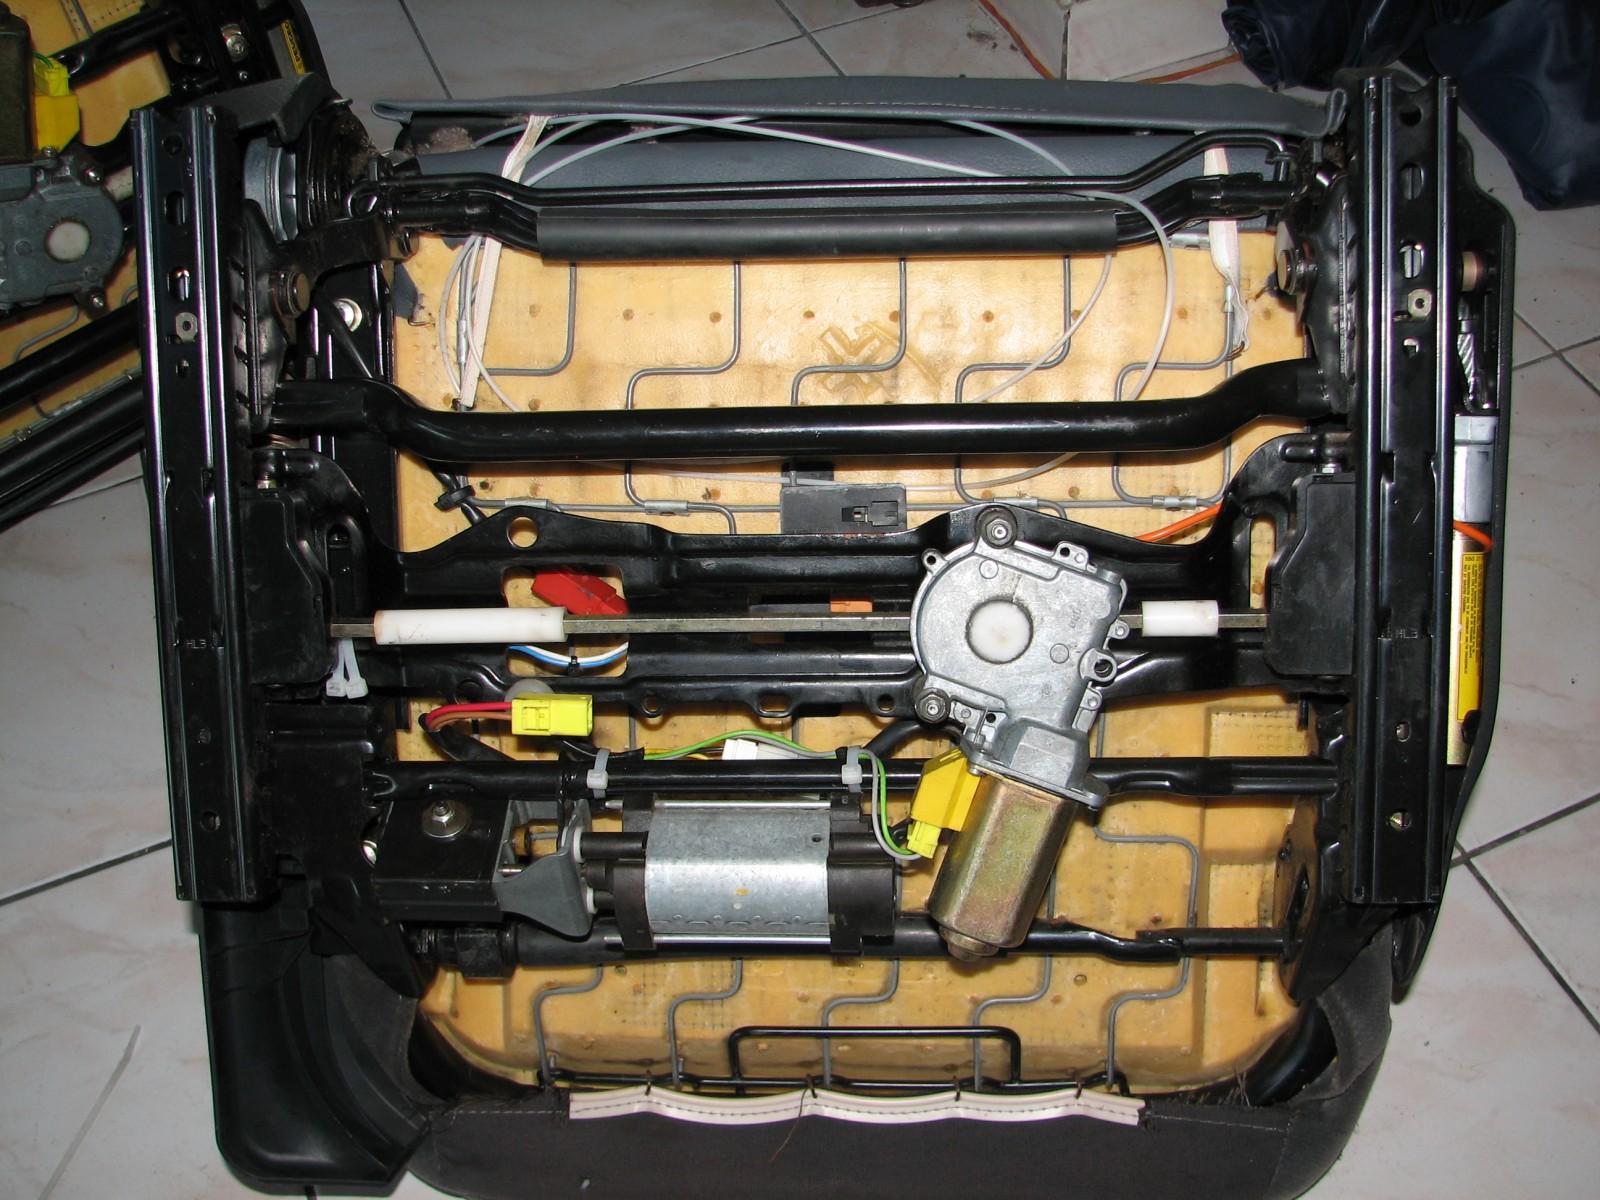 Siège électrique conducteur bloqué Img_7231_petit